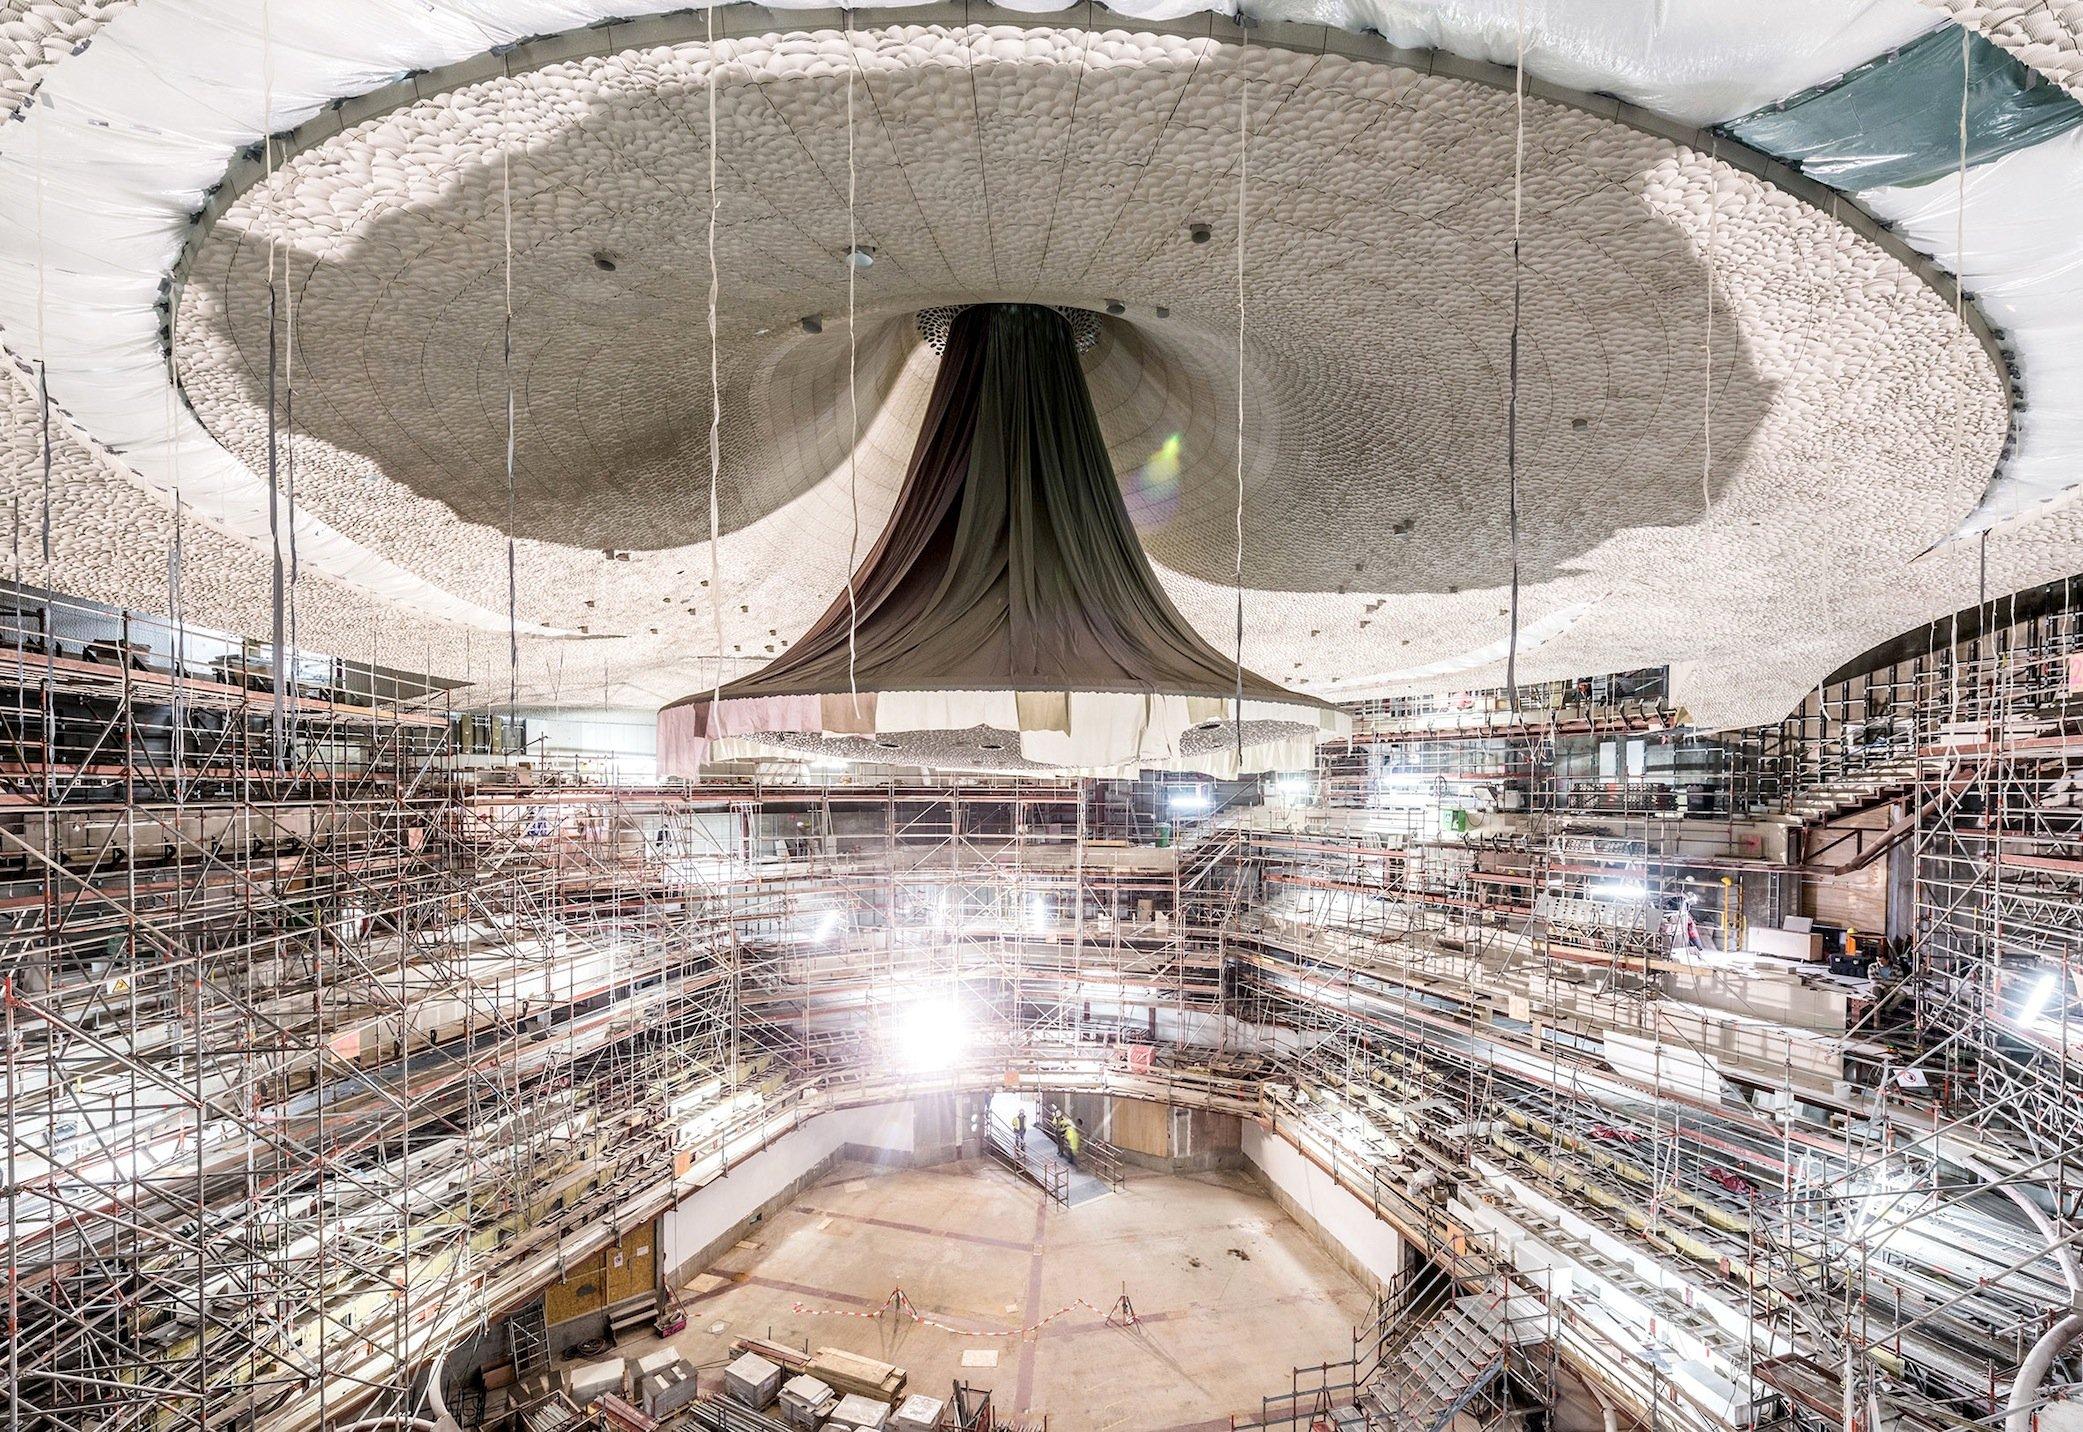 Die rund 6000 m2 große Wand- und Deckenverkleidung besteht aus etwa 10.000 Gipsfaserplatten mit einem Gesamtgewicht von 226 t. Der Einbau im vergangenen Jahr war sehr aufwendig, soll aber der Elbphilharmonie eine hervorragende Akustik garantieren.